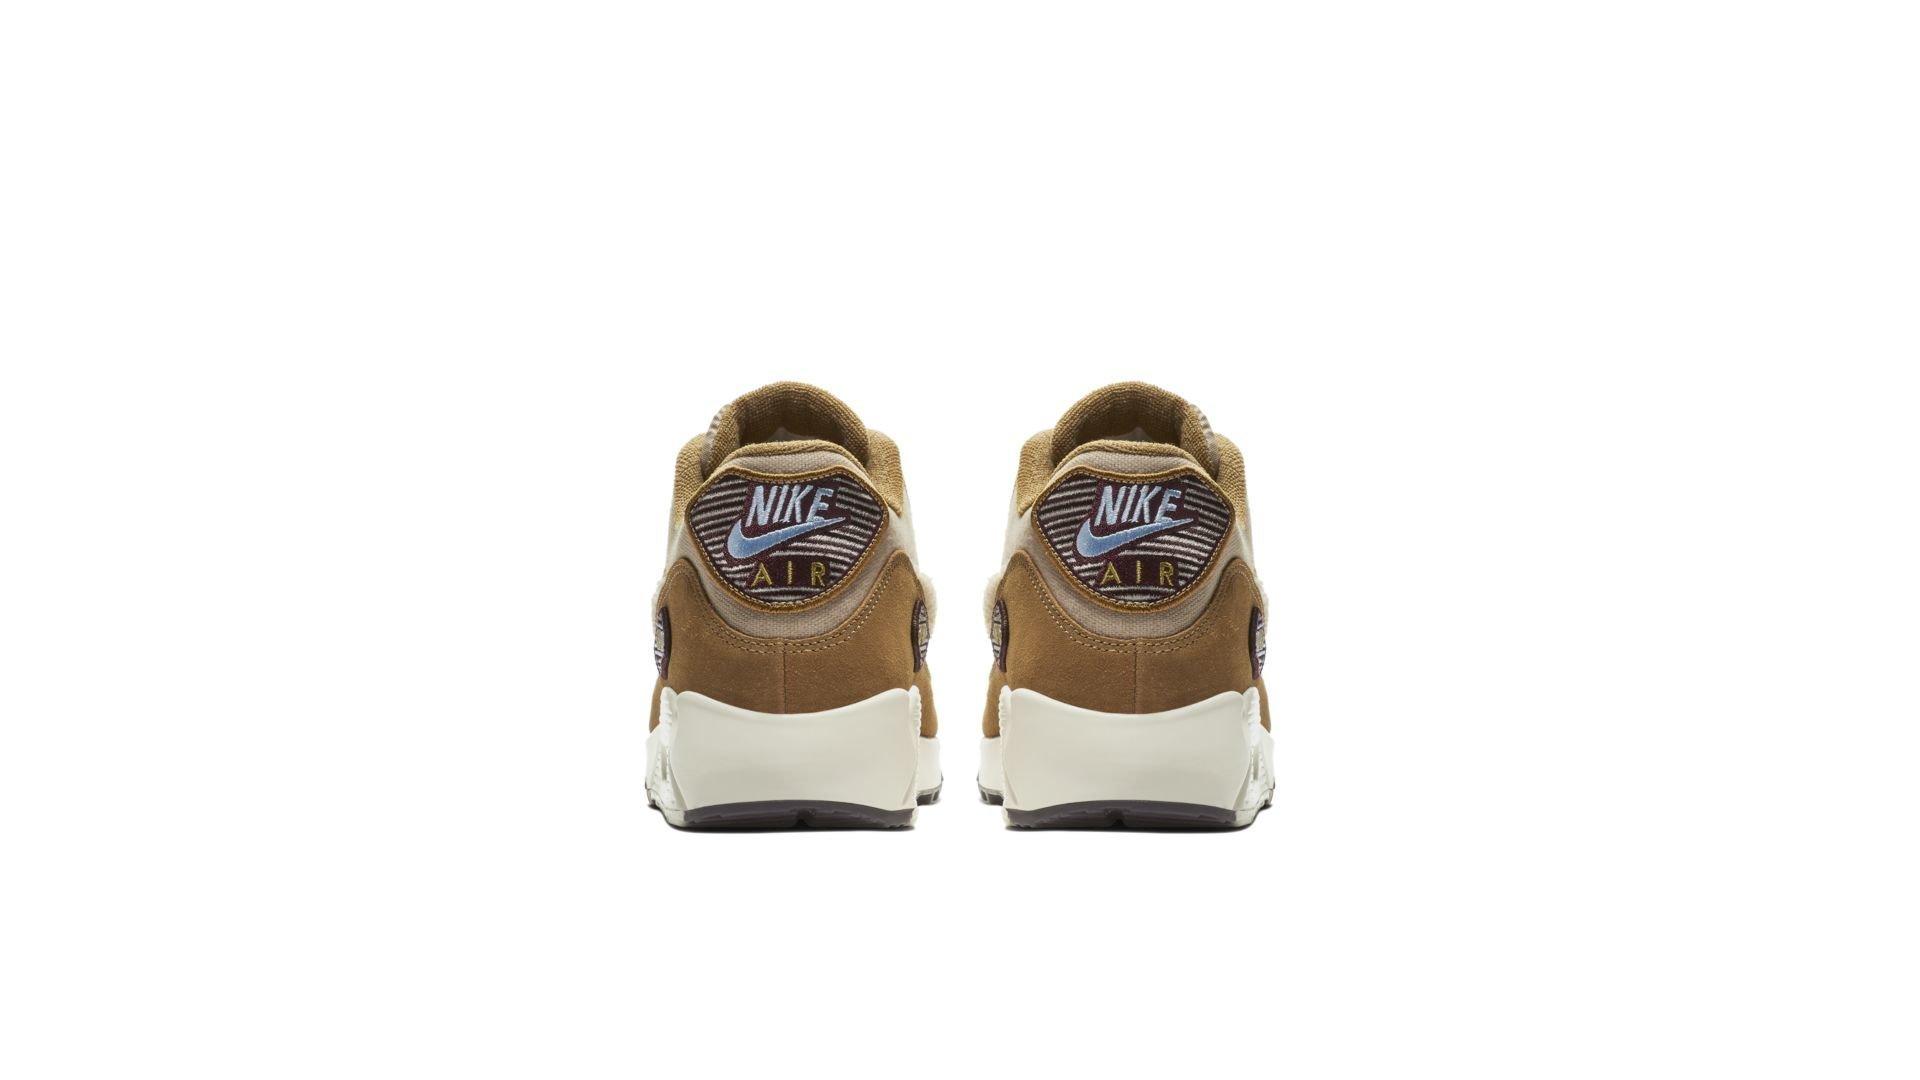 Nike Air Max 90 858954-200